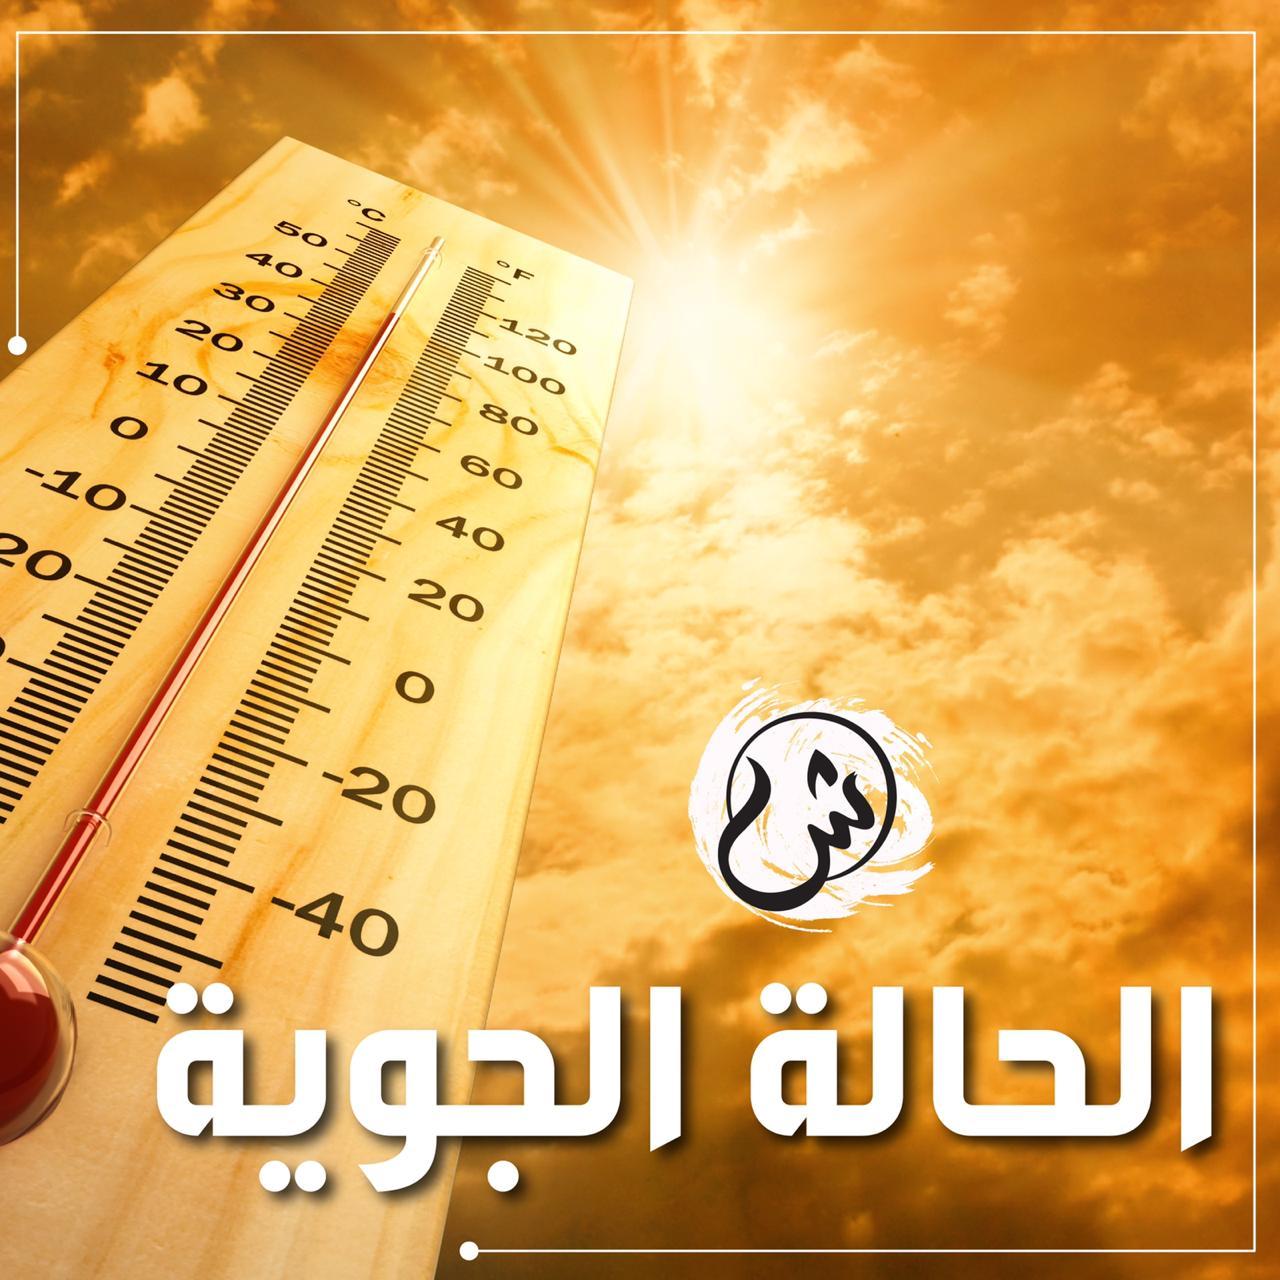 الطقس: صحو إلى غائم جزئيًا على معظم محافظات السلطنة